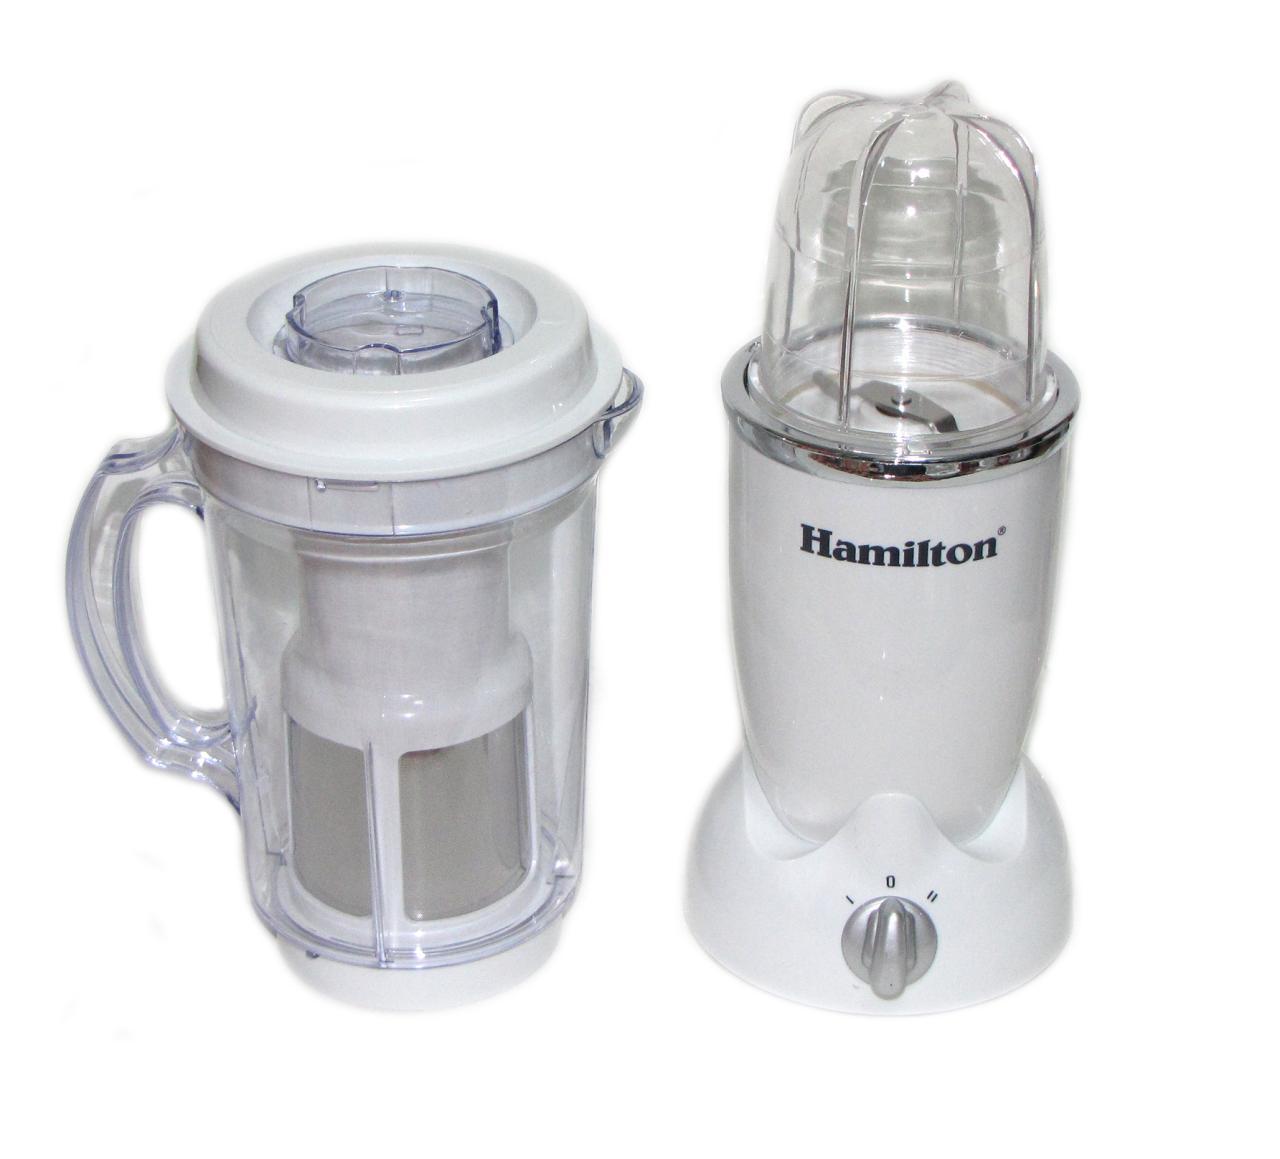 غذاساز پنج کاره همیلتون مدل FH-362 (گارانتی 18 ماهه اصلی)